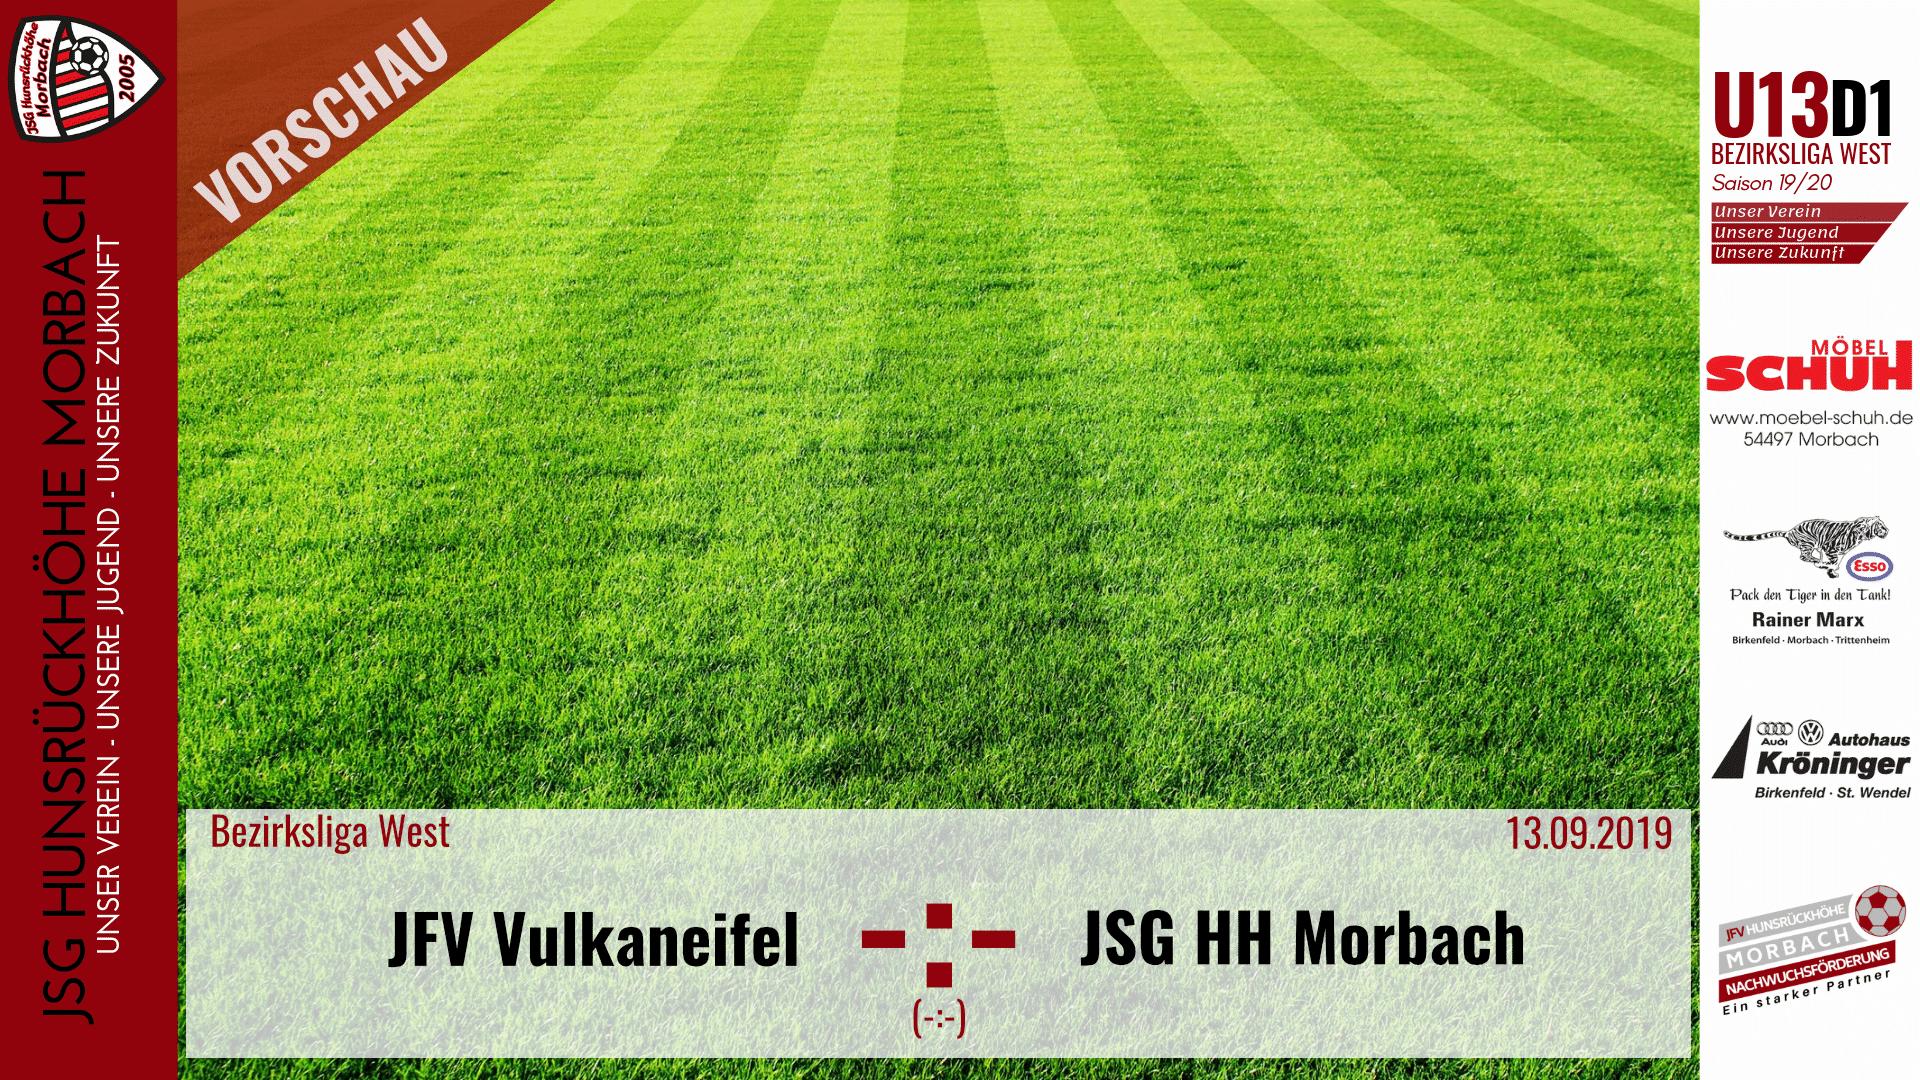 U13 D1: Vorbericht ~ JFV Vulkaneifel – JSG Hunsrückhöhe Morbach ~ Fr., 13.09.2019 18:00 Uhr